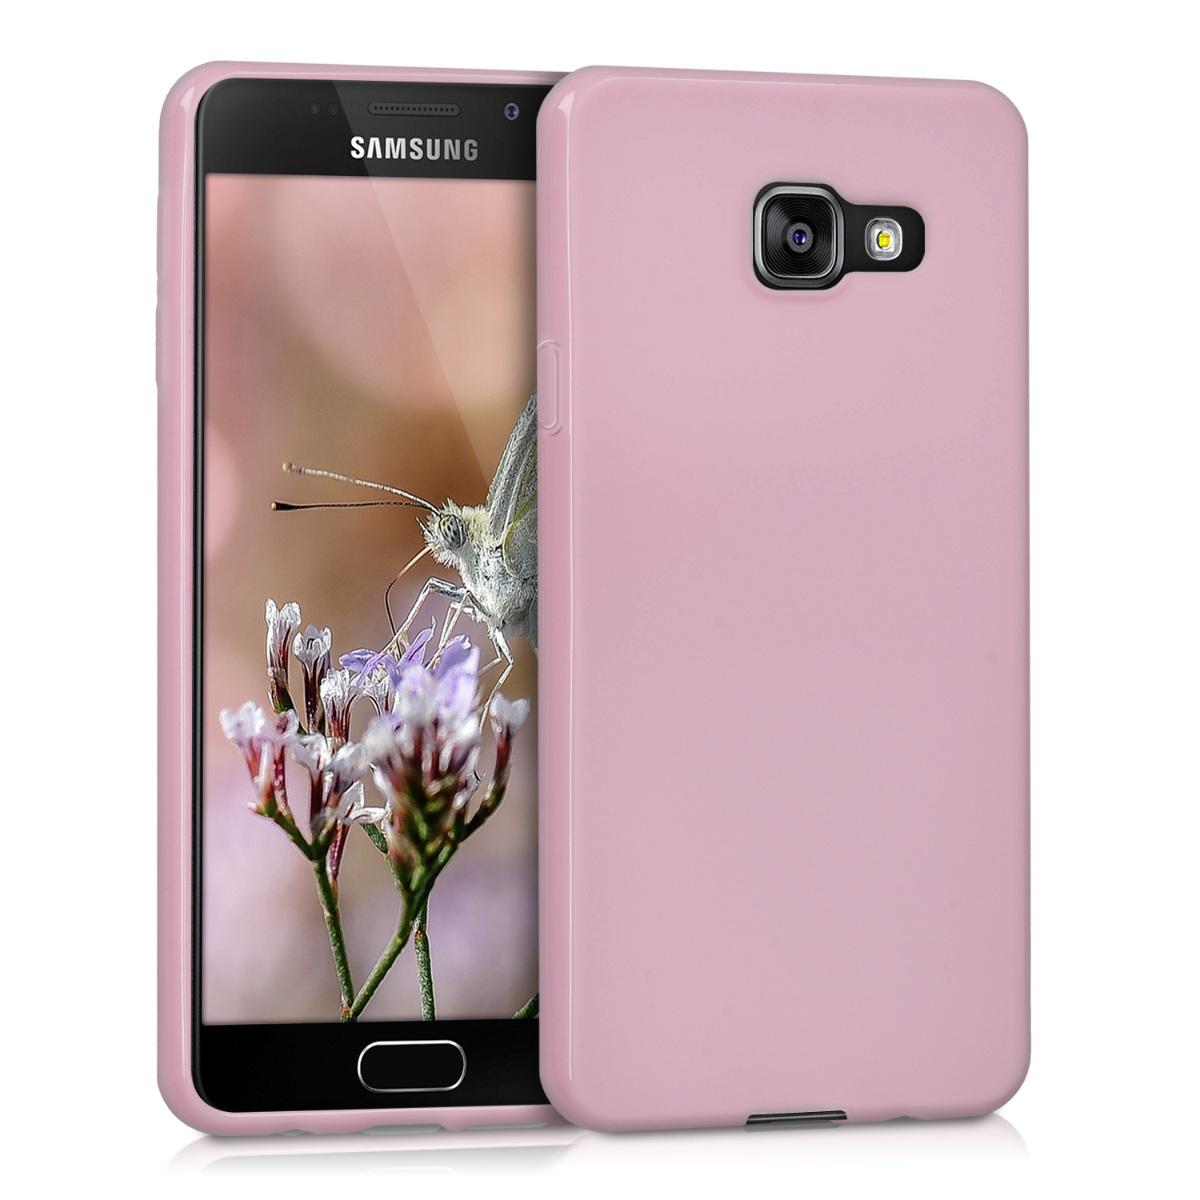 Kvalitní silikonové TPU pouzdro pro Samsung A3 (2016) - Dusty růžové